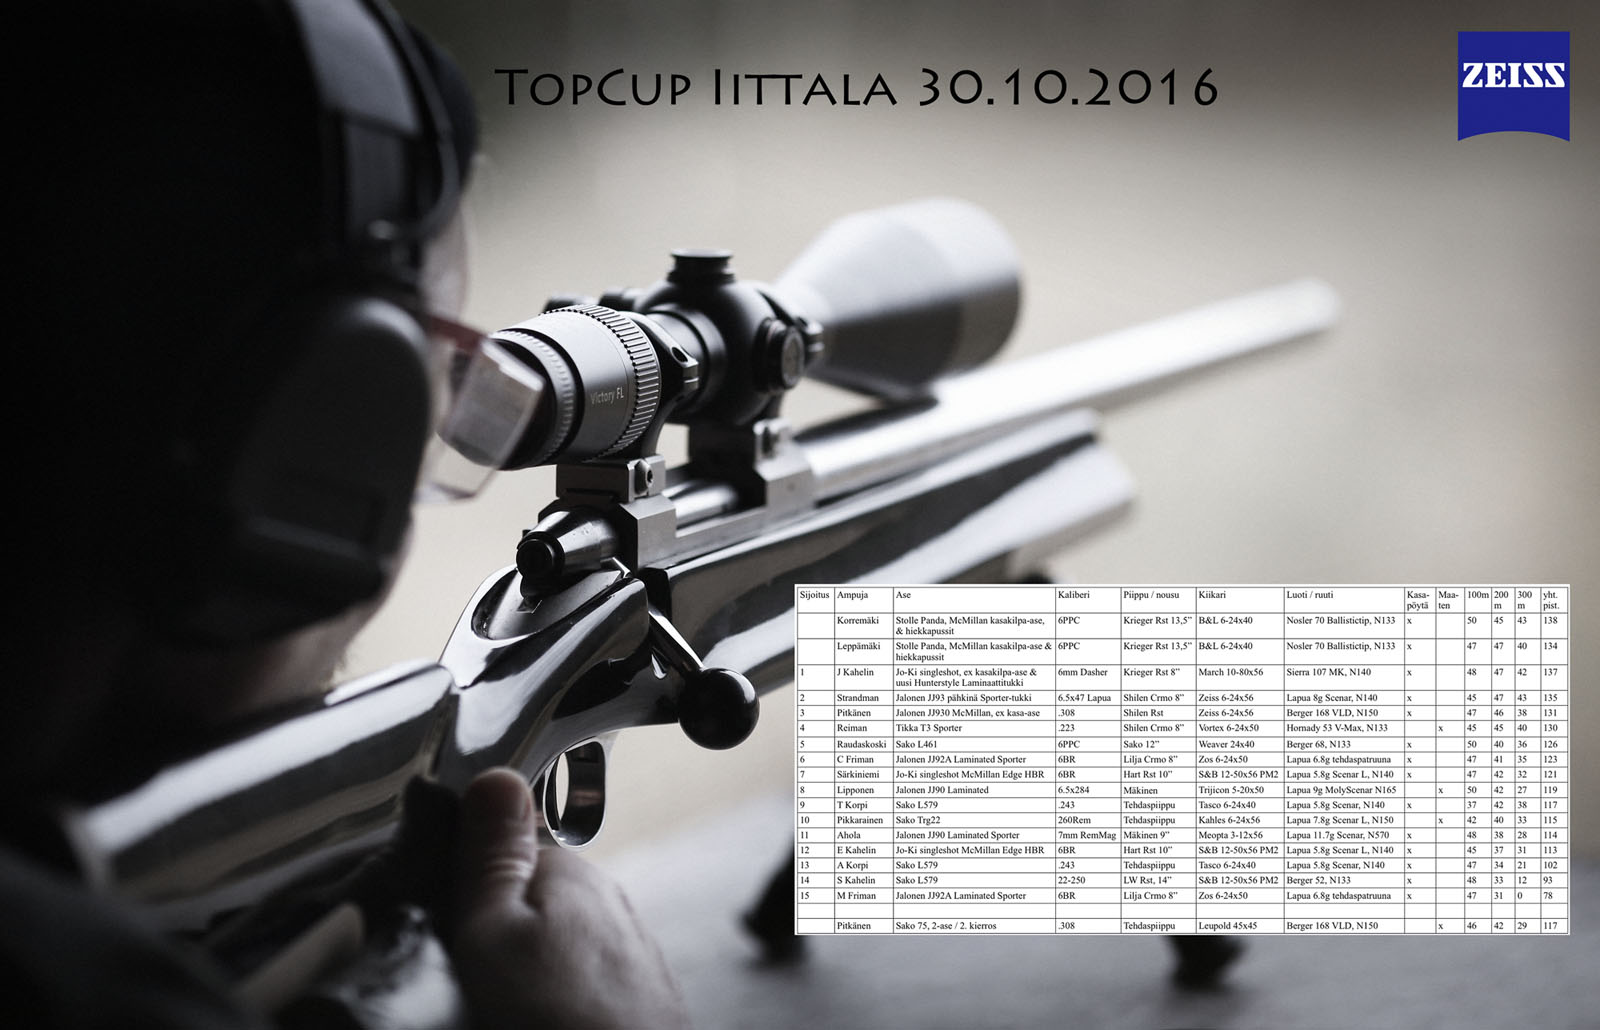 PÄIVITETTY: Suomen 1. ja 2. Top Cup -tapahtuma: TULOKSET